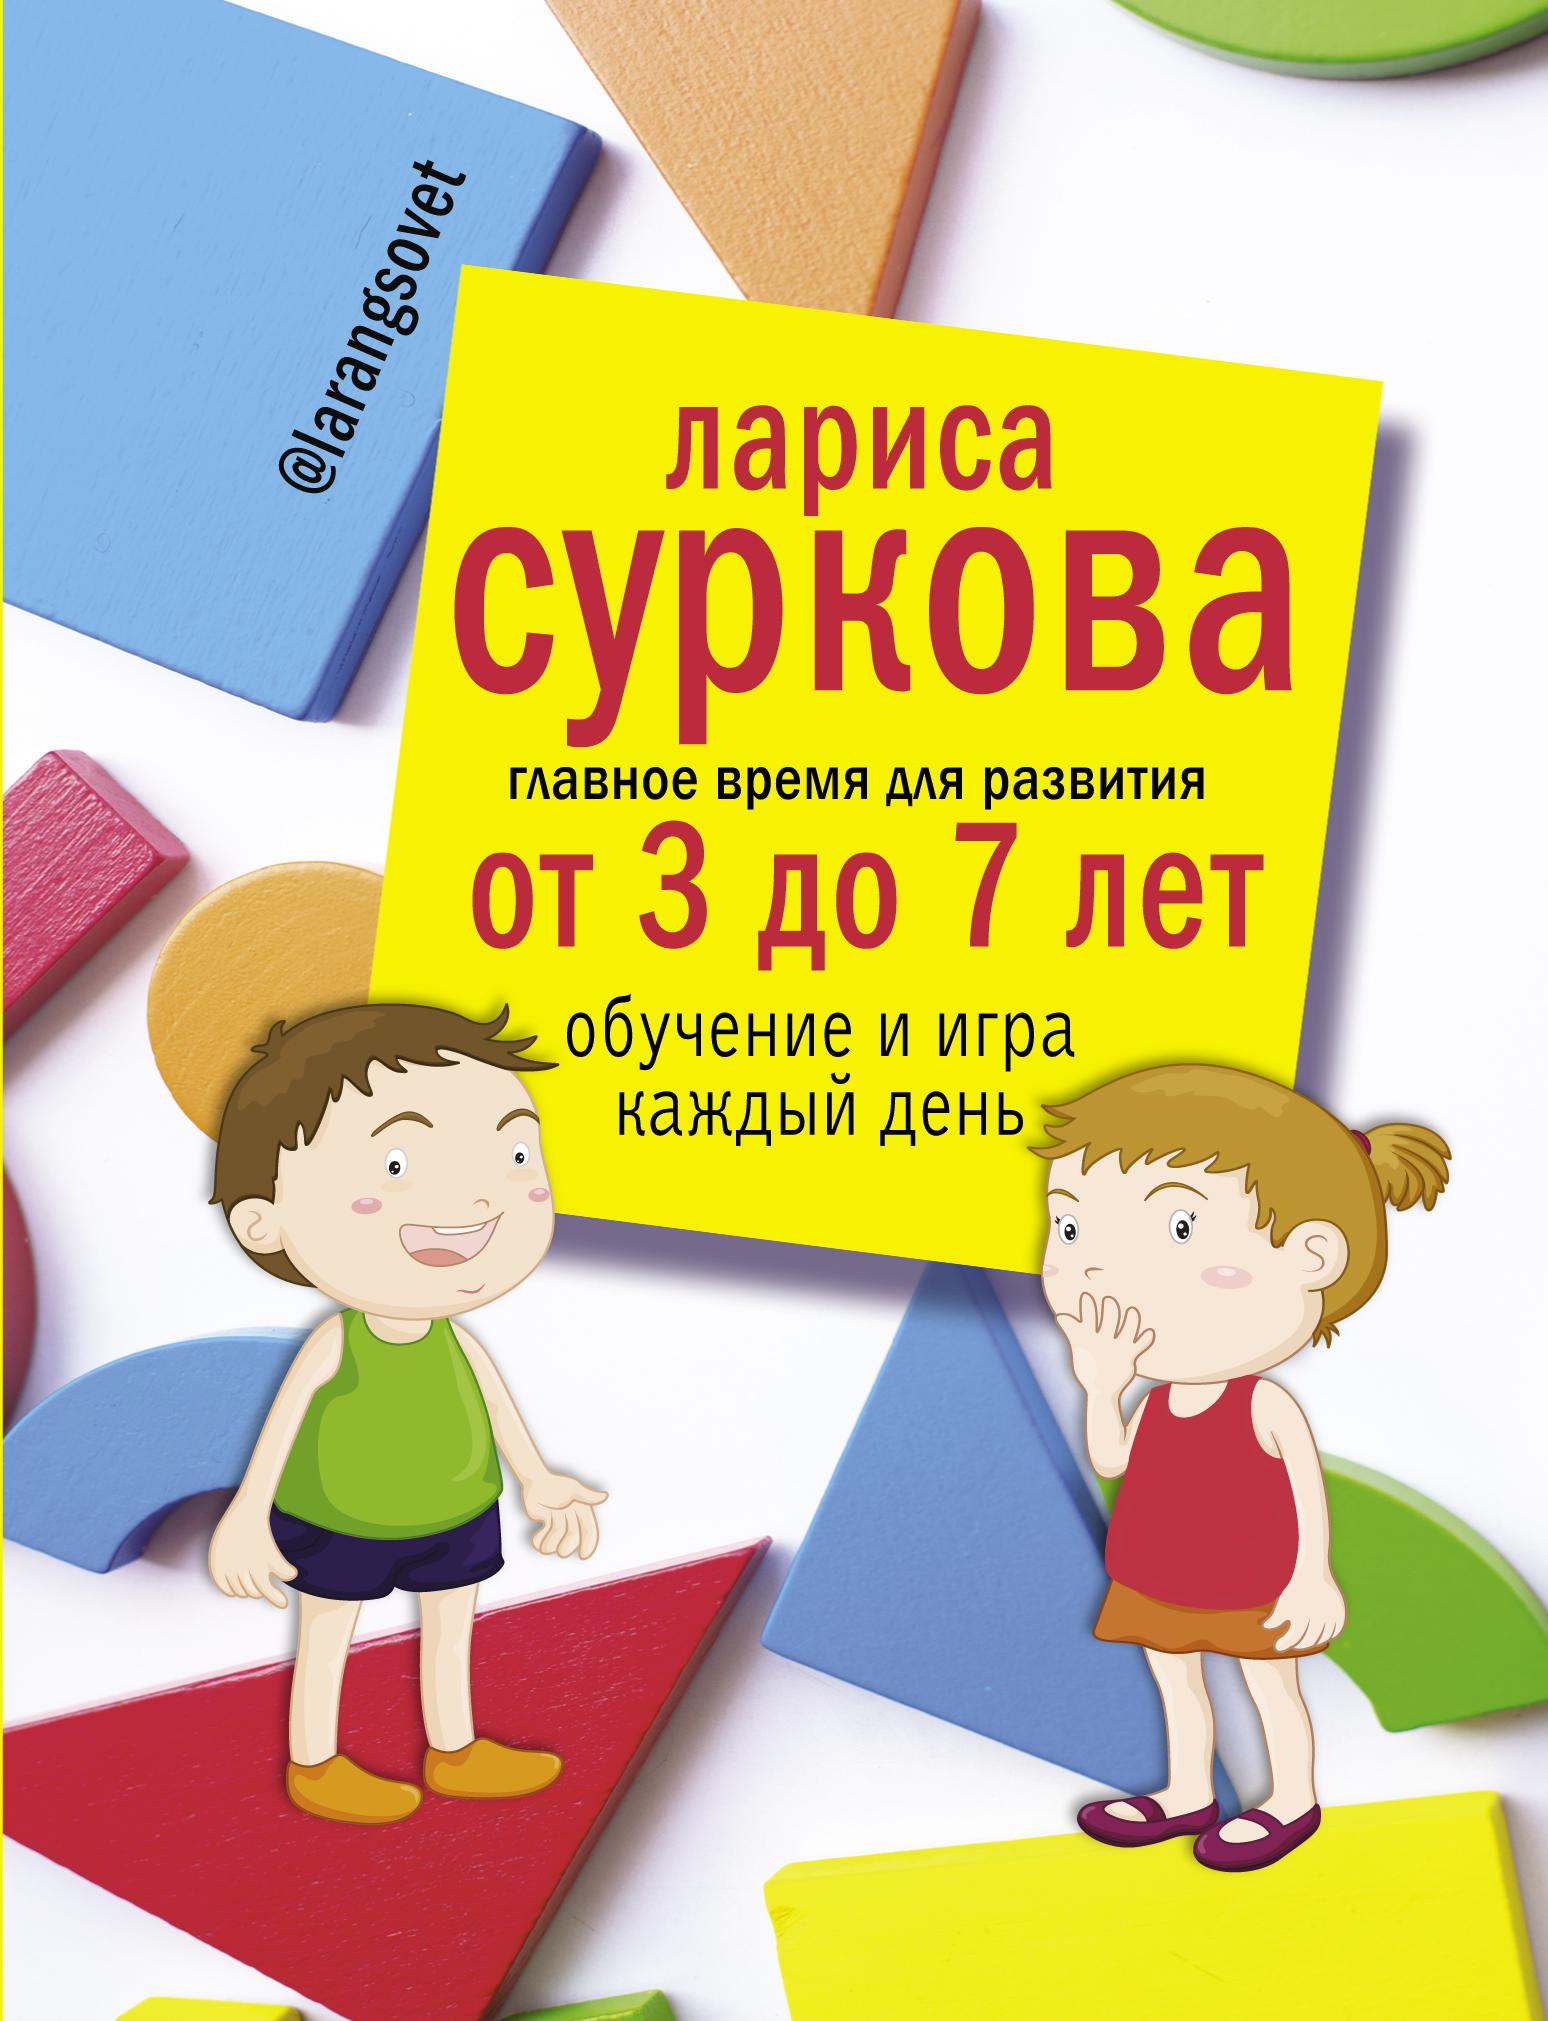 Главное время для развития от 3 до 7 лет. Обучение и игра каждый день